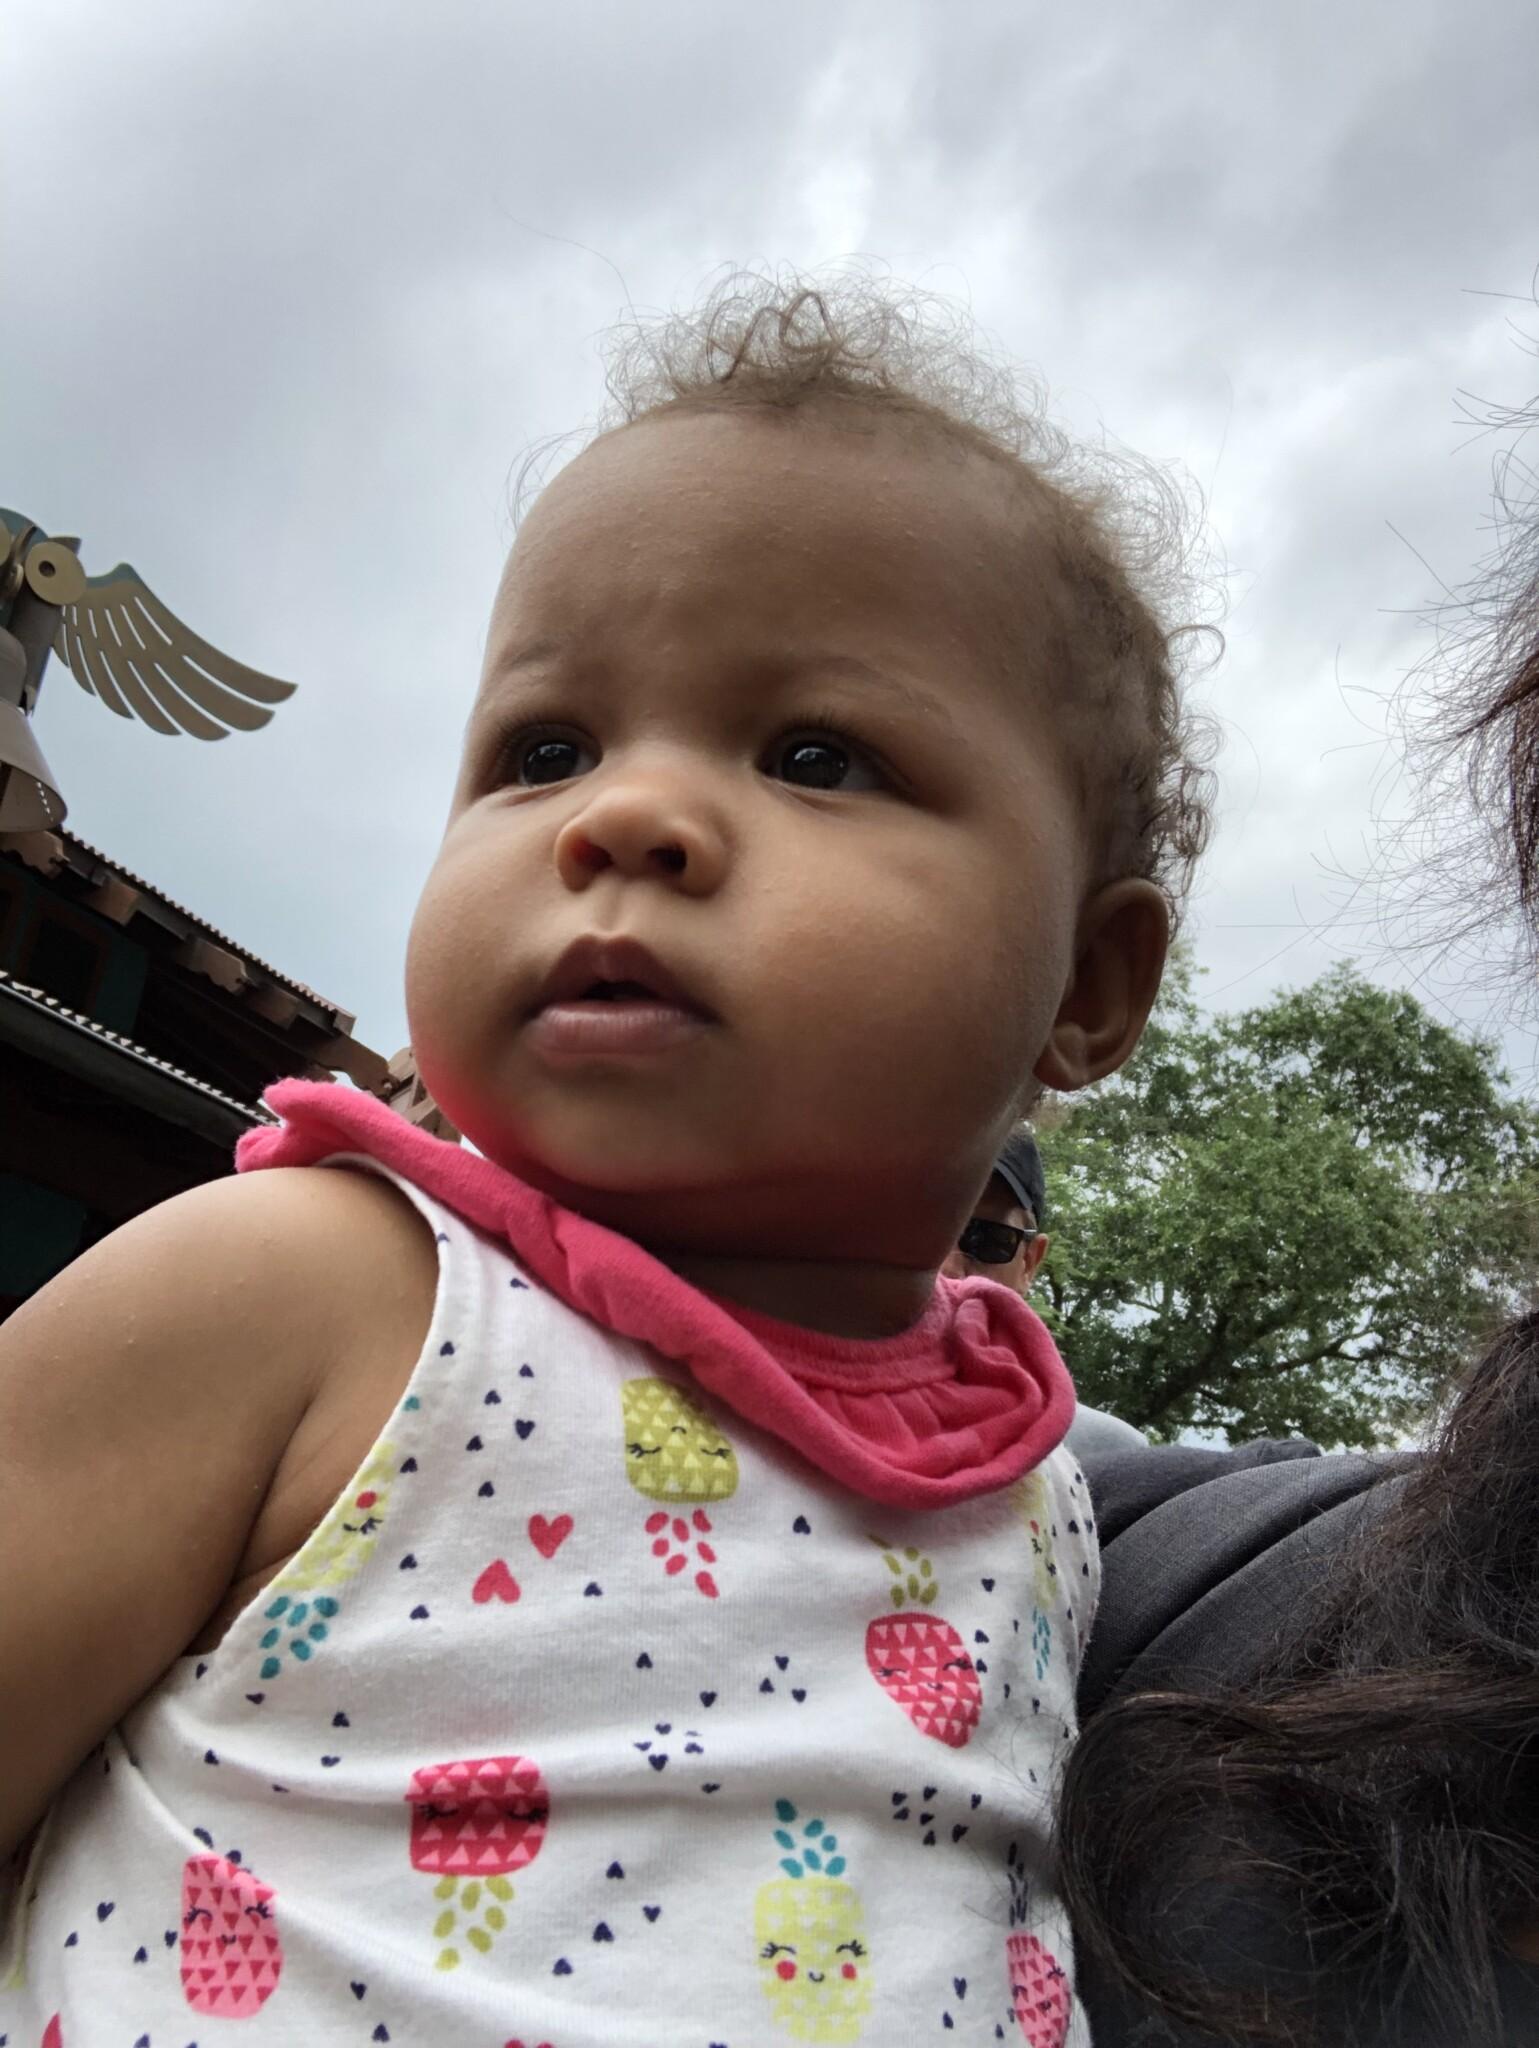 2 semaines en Floride avec un bébé de 1 an - Séjour du 2 au 16 mai 2019 DCL + WDW - Page 17 IMG_1149-1539x2048